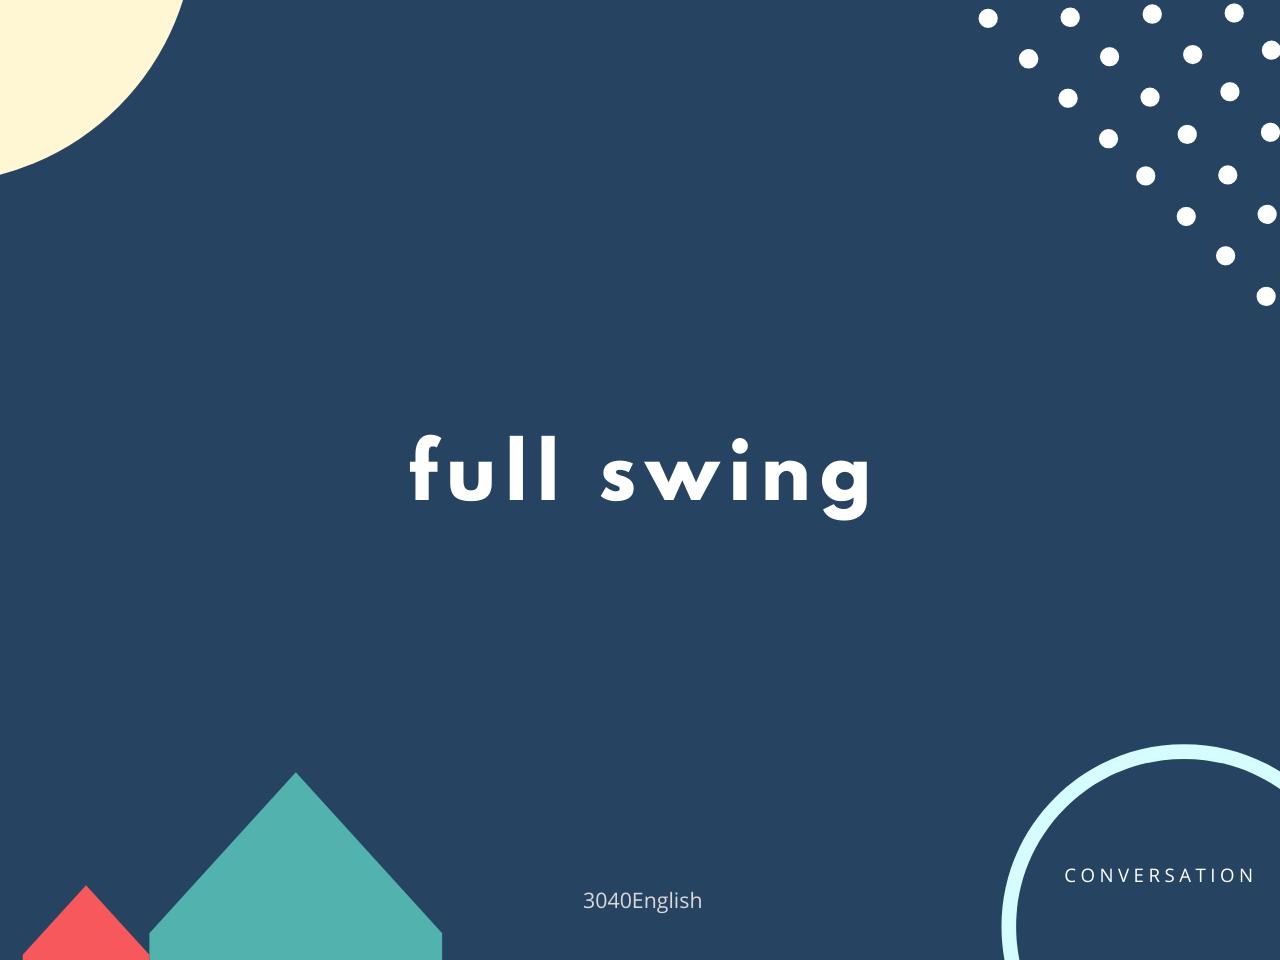 野球以外の full swing の意味と簡単な使い方【例文あり】